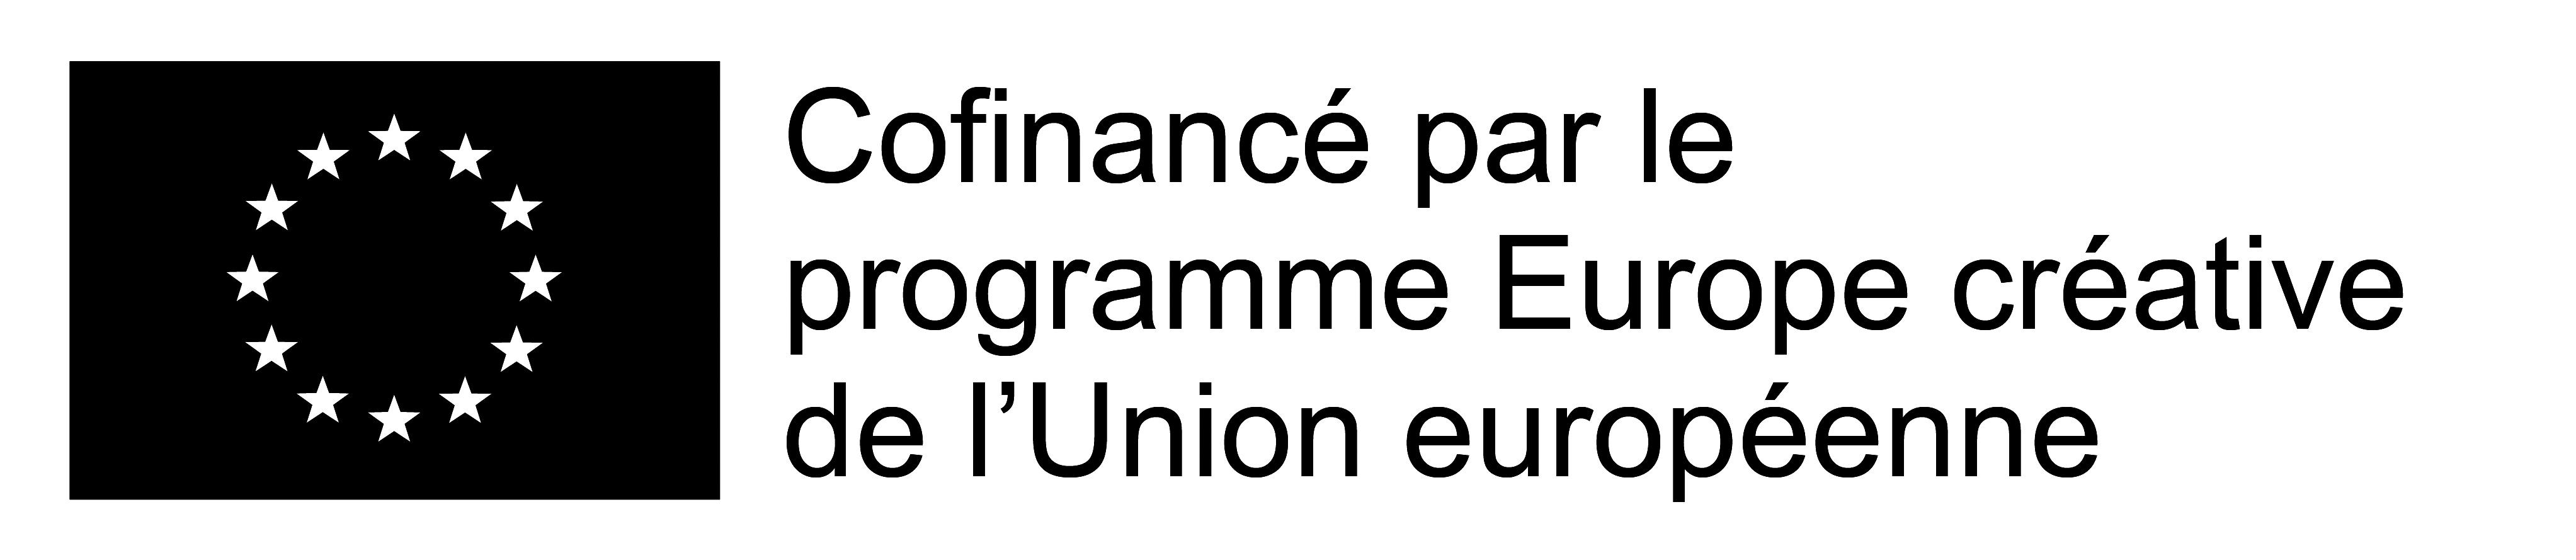 cofinancé par le programme Europe créative de l'Union européenne